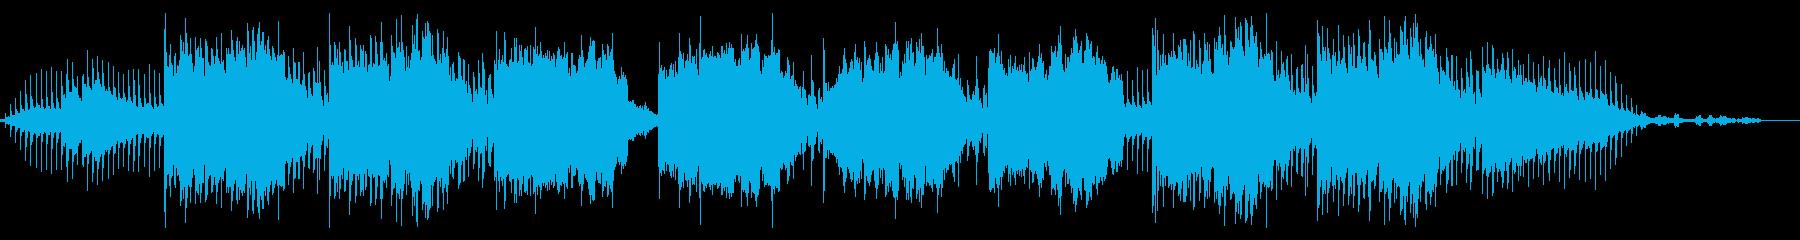 徐々に迫るホラードローンの再生済みの波形